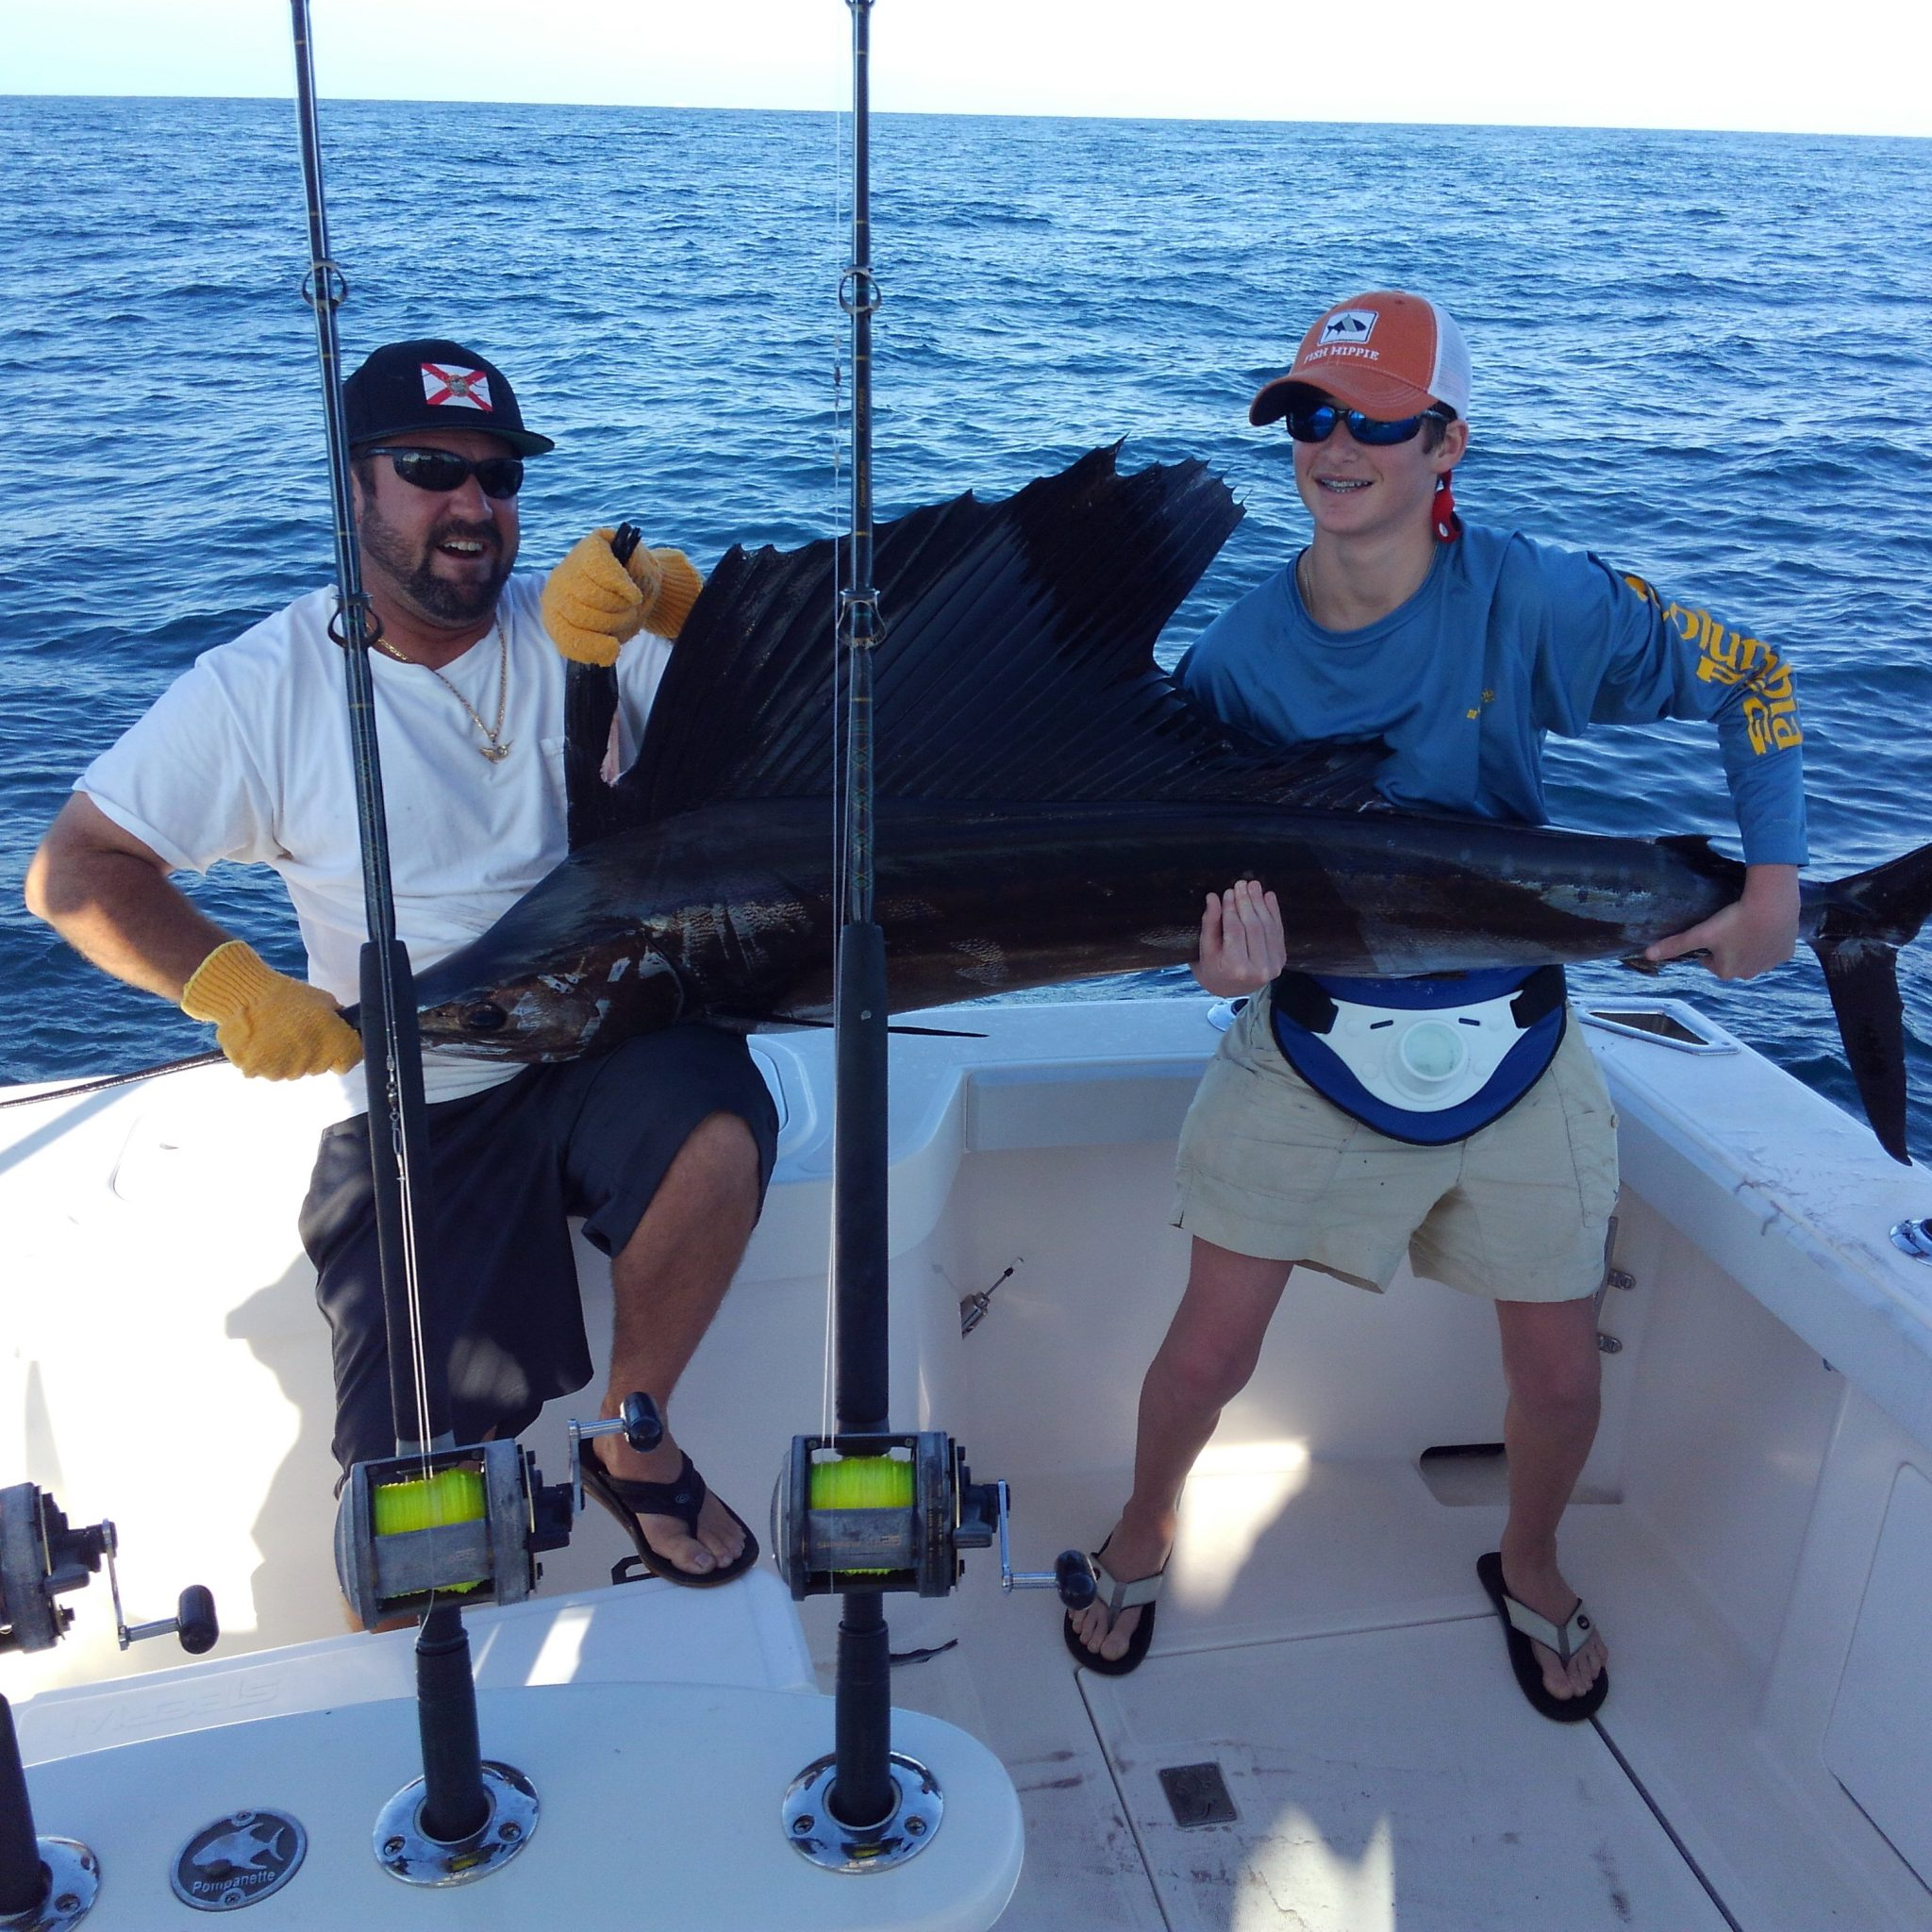 Sailfish and dolphin stuart fl charter fishing reel for Stuart fishing charter